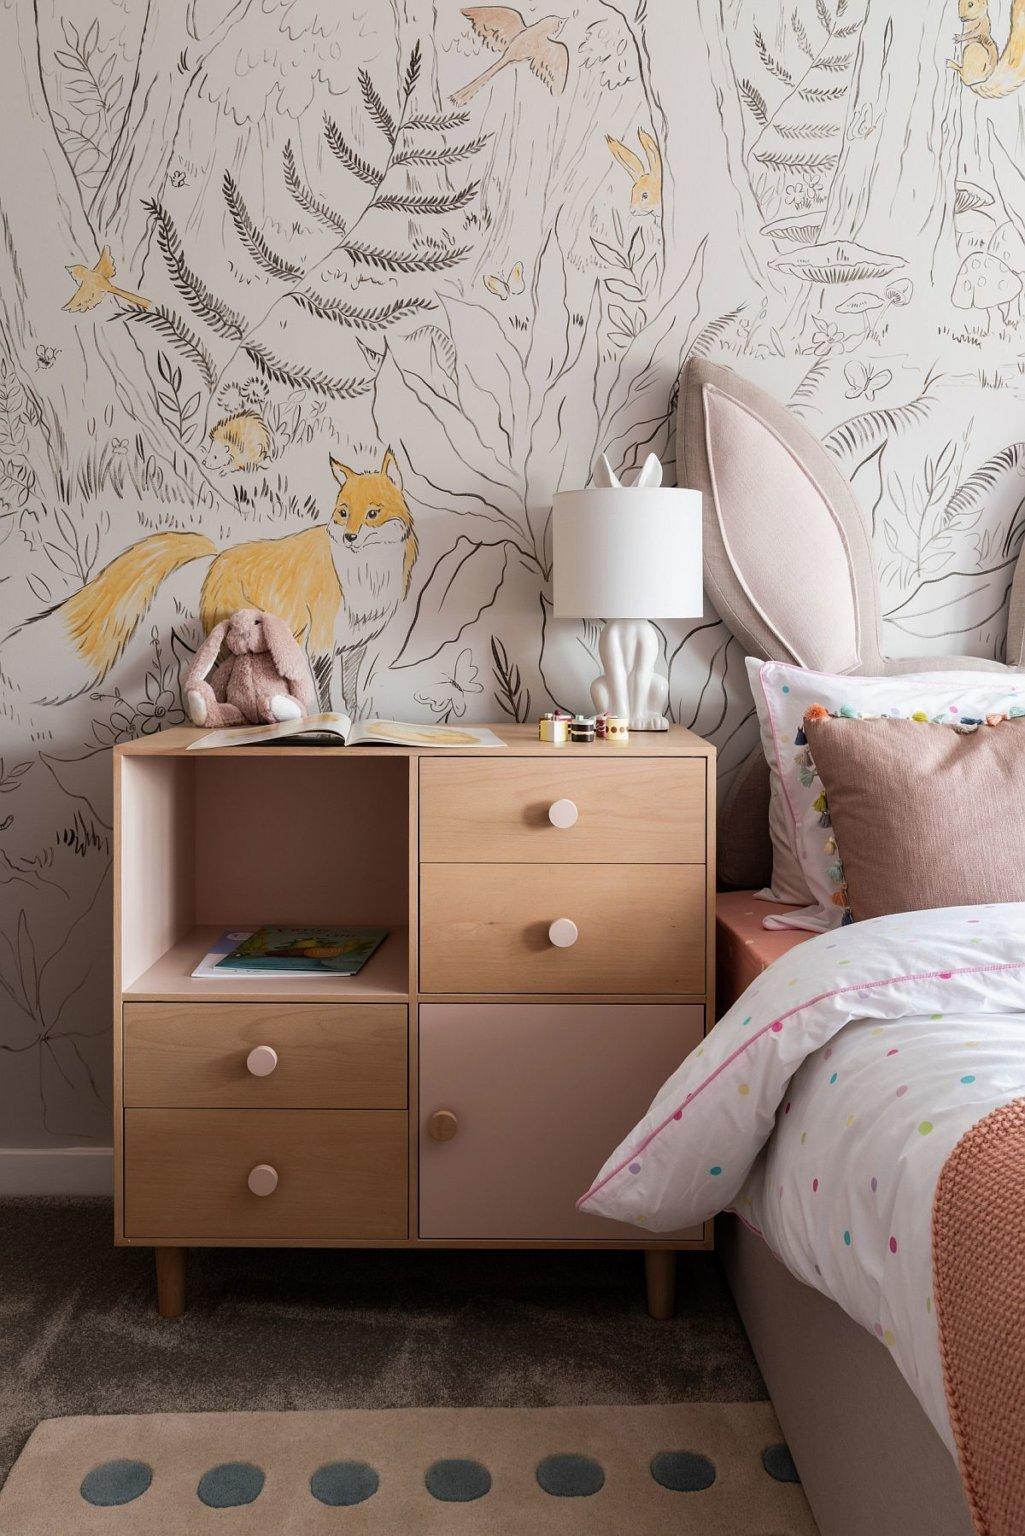 hình ảnh phòng ngủ con gái ấn tượng với giấy dán tường họa tiết rừng nhiệt đới